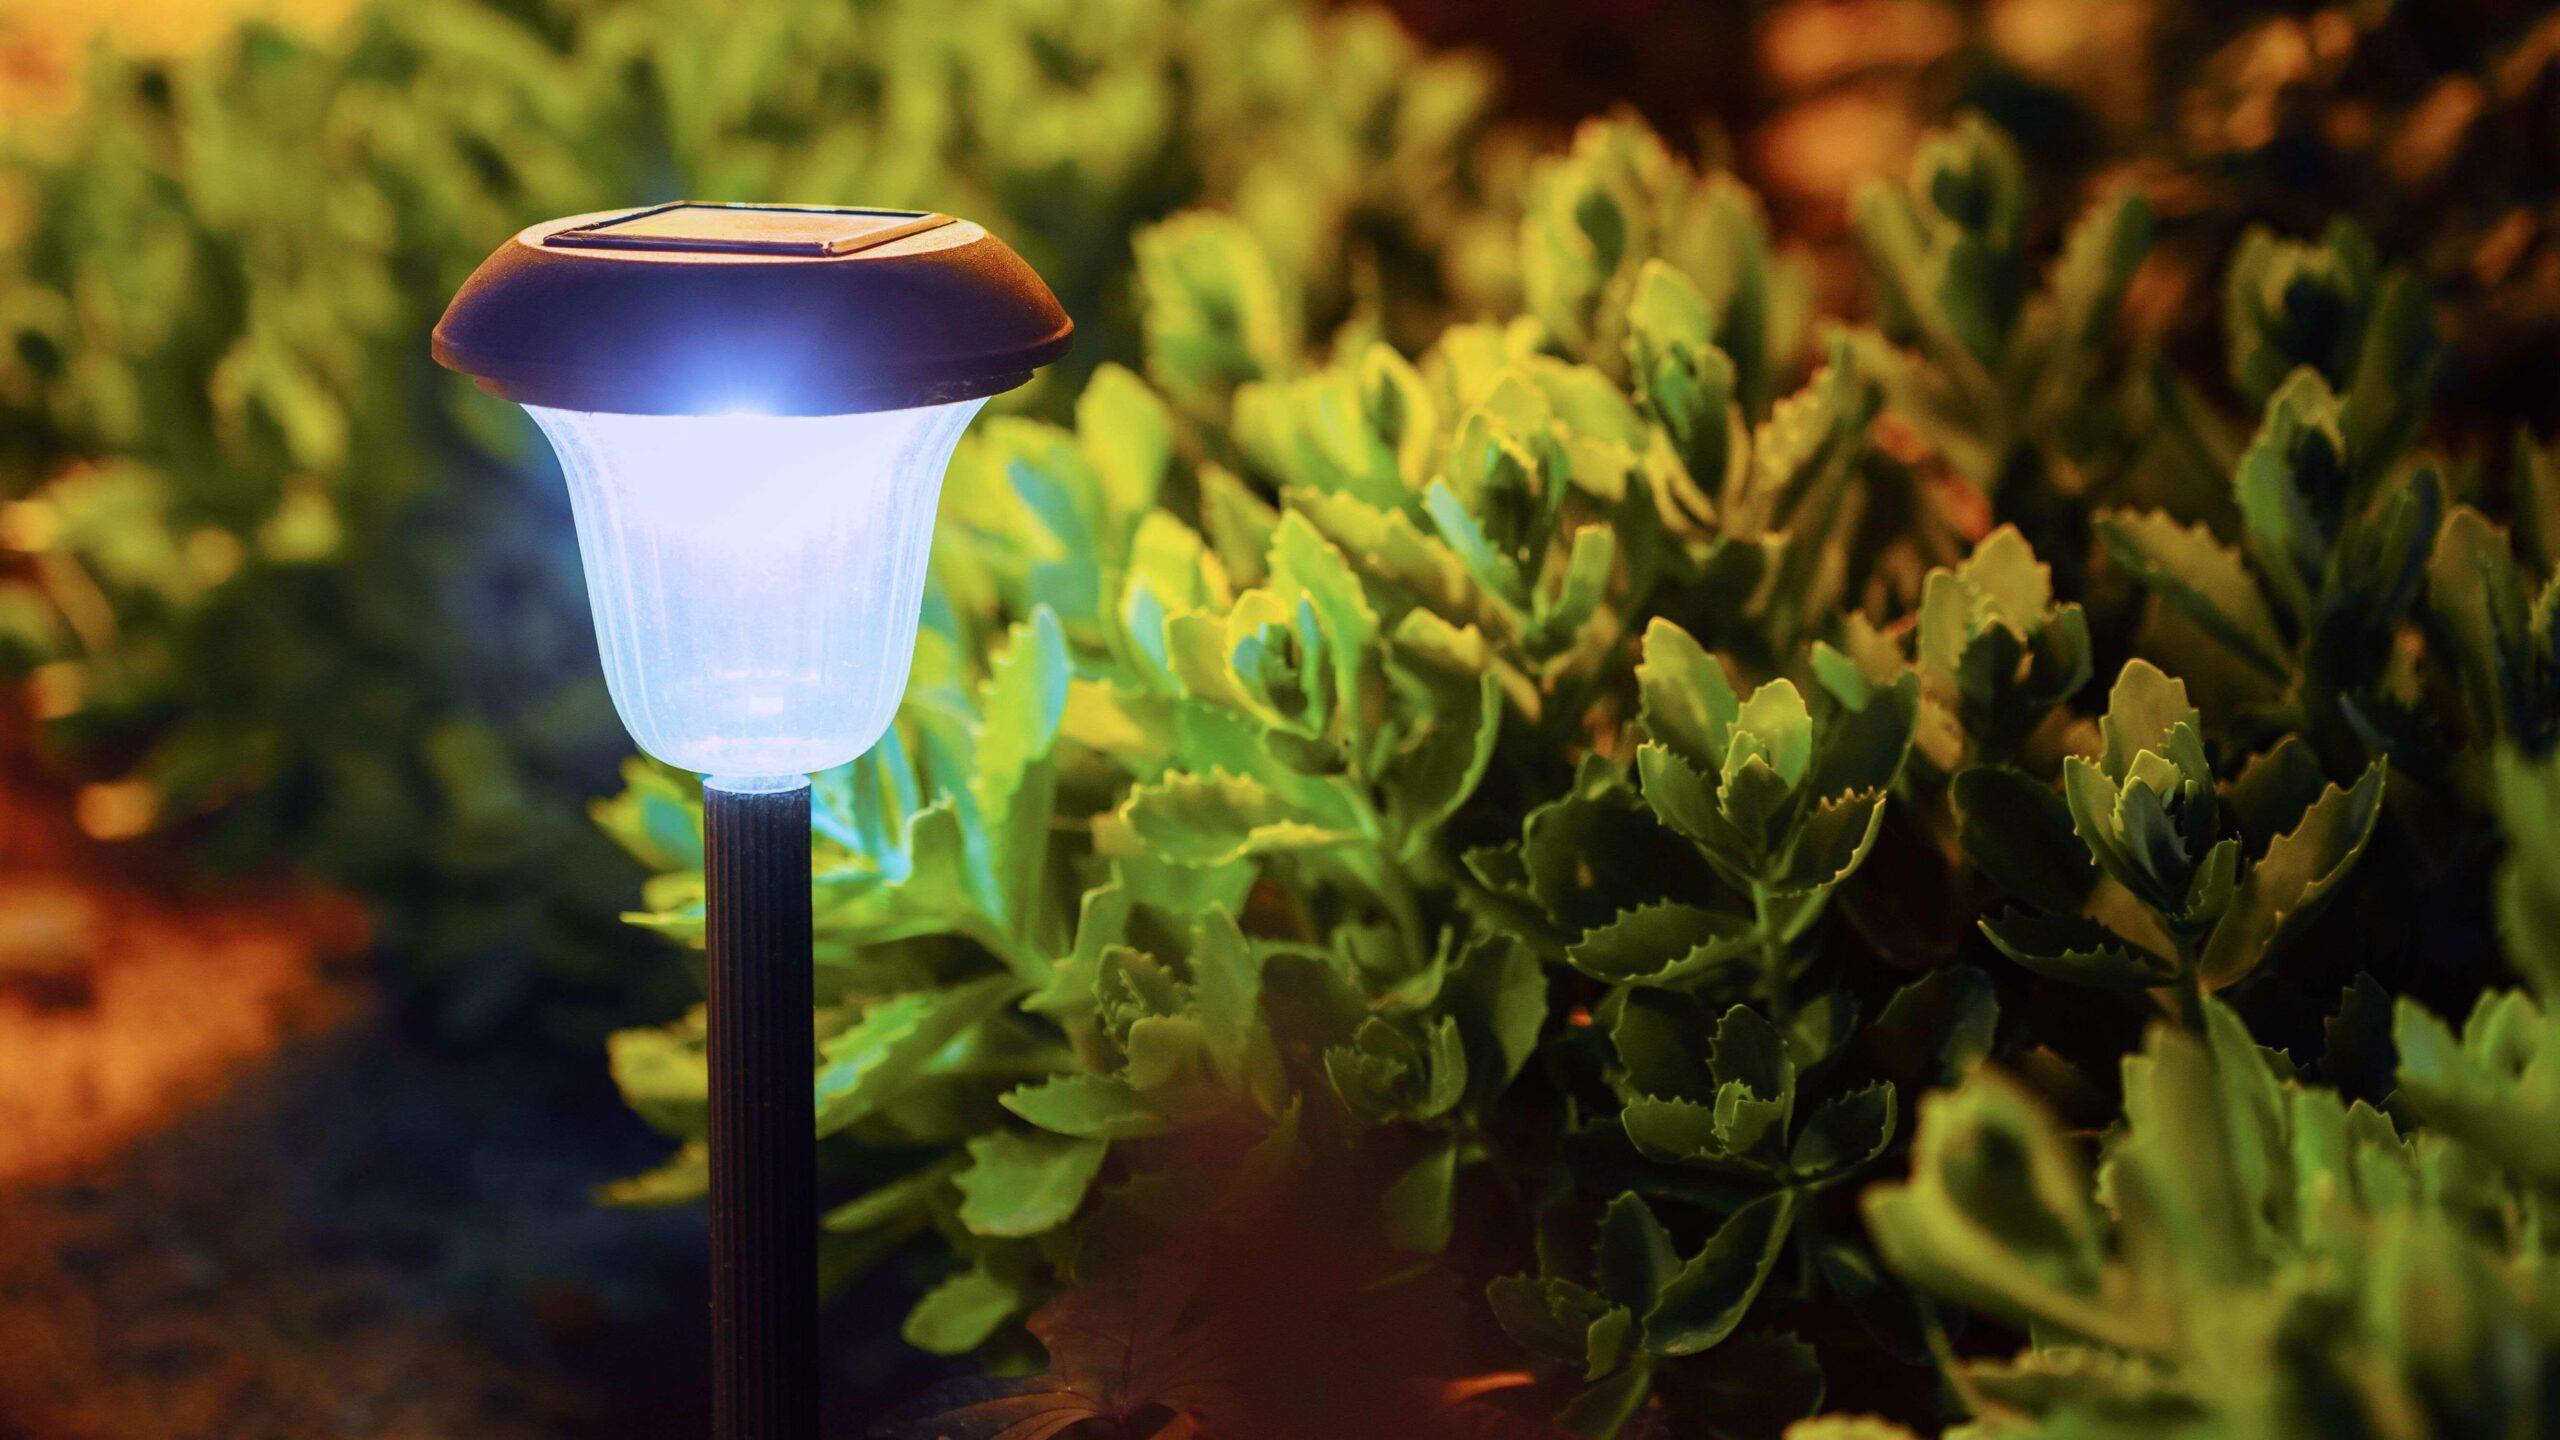 Comment orienter une lampe solaire ?